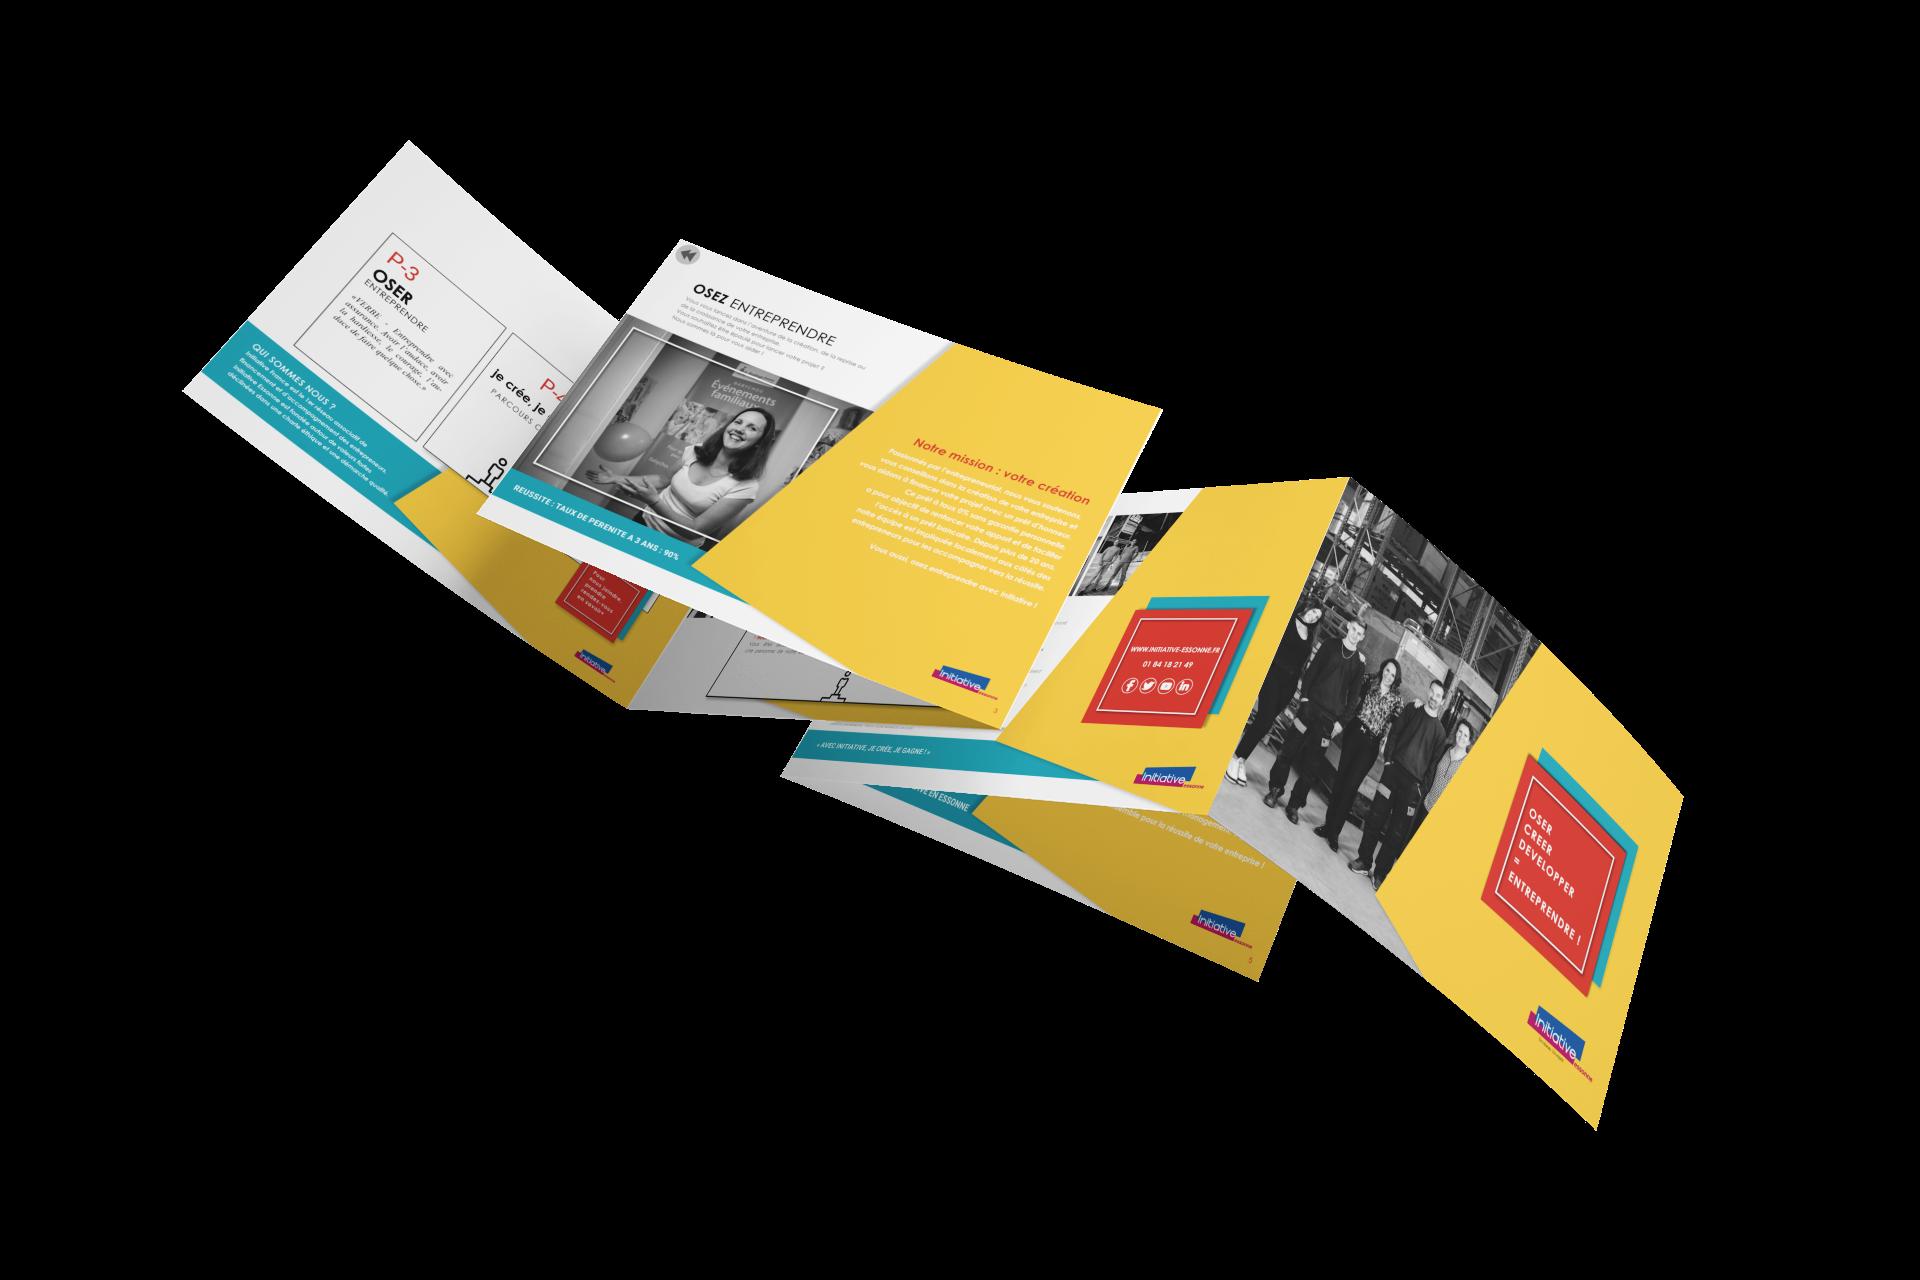 Création plaquette commerciale pour entreprise TPE-PME - By Com' Empreintes